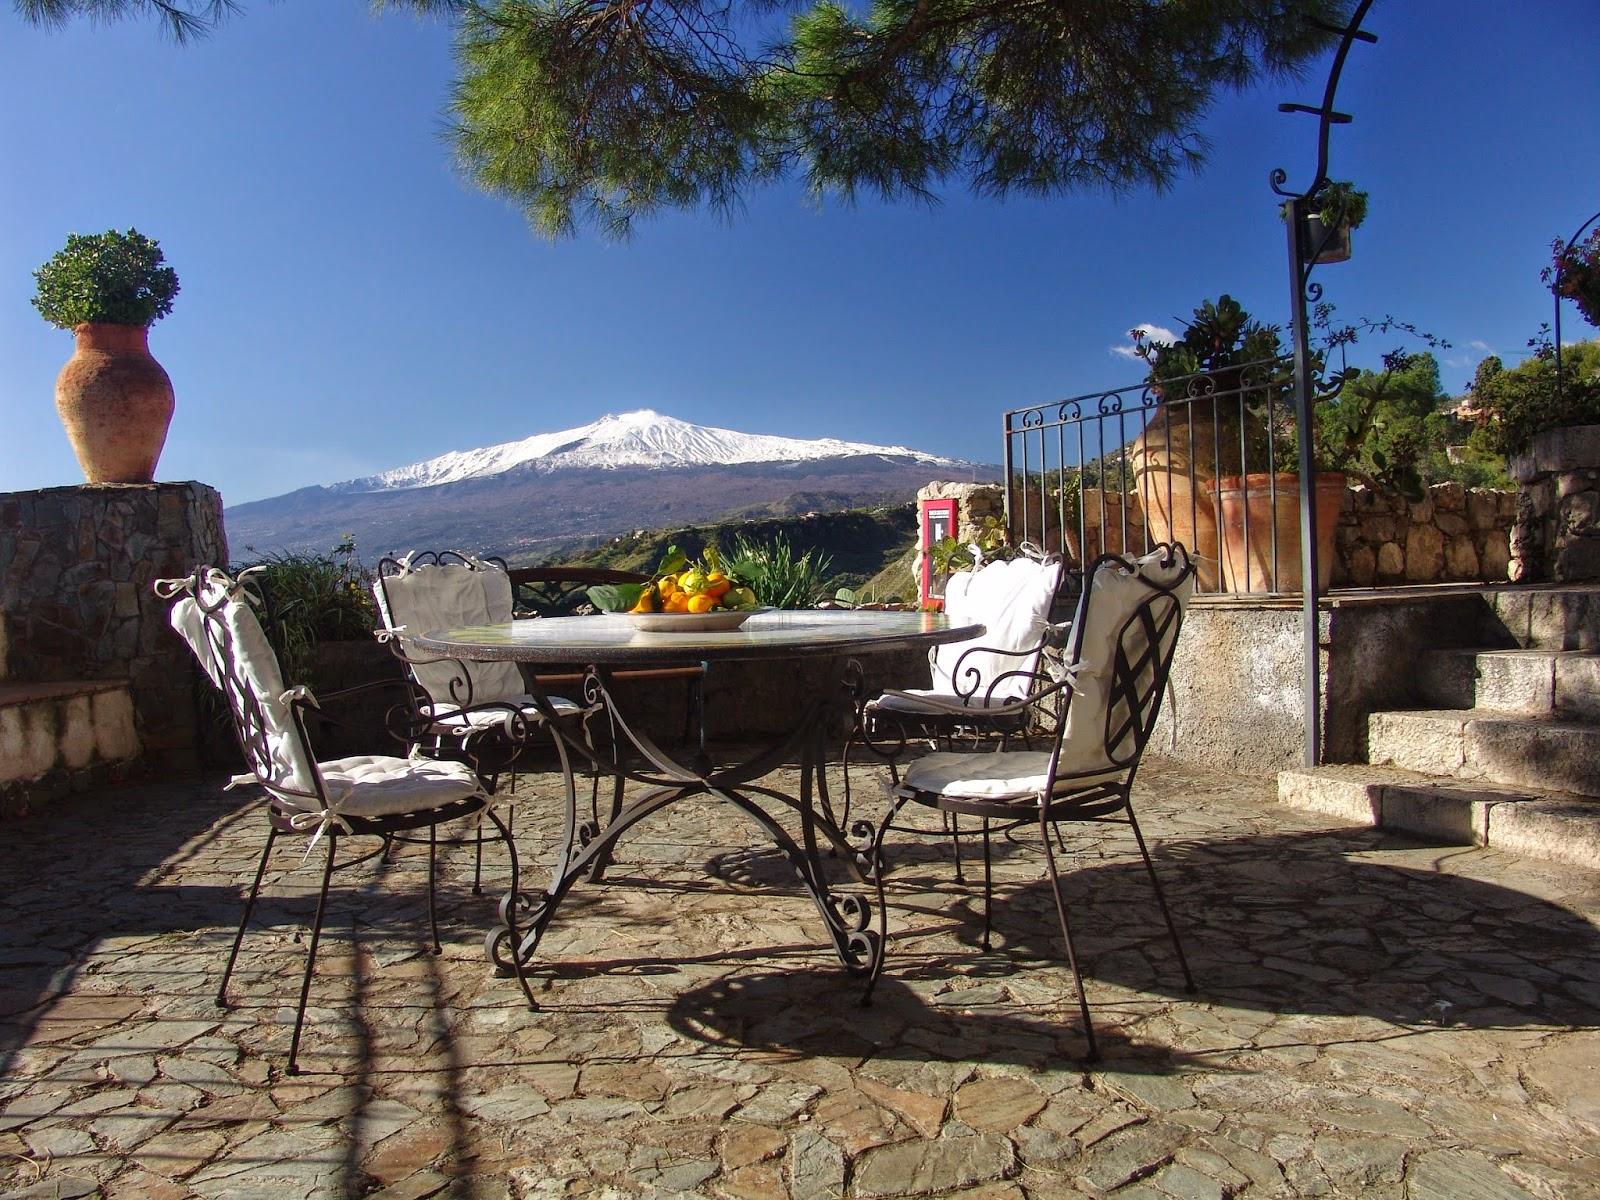 Reiseblog mit Herz - Reisen und mehr von Achim: Taormina / Hotel Bel ...